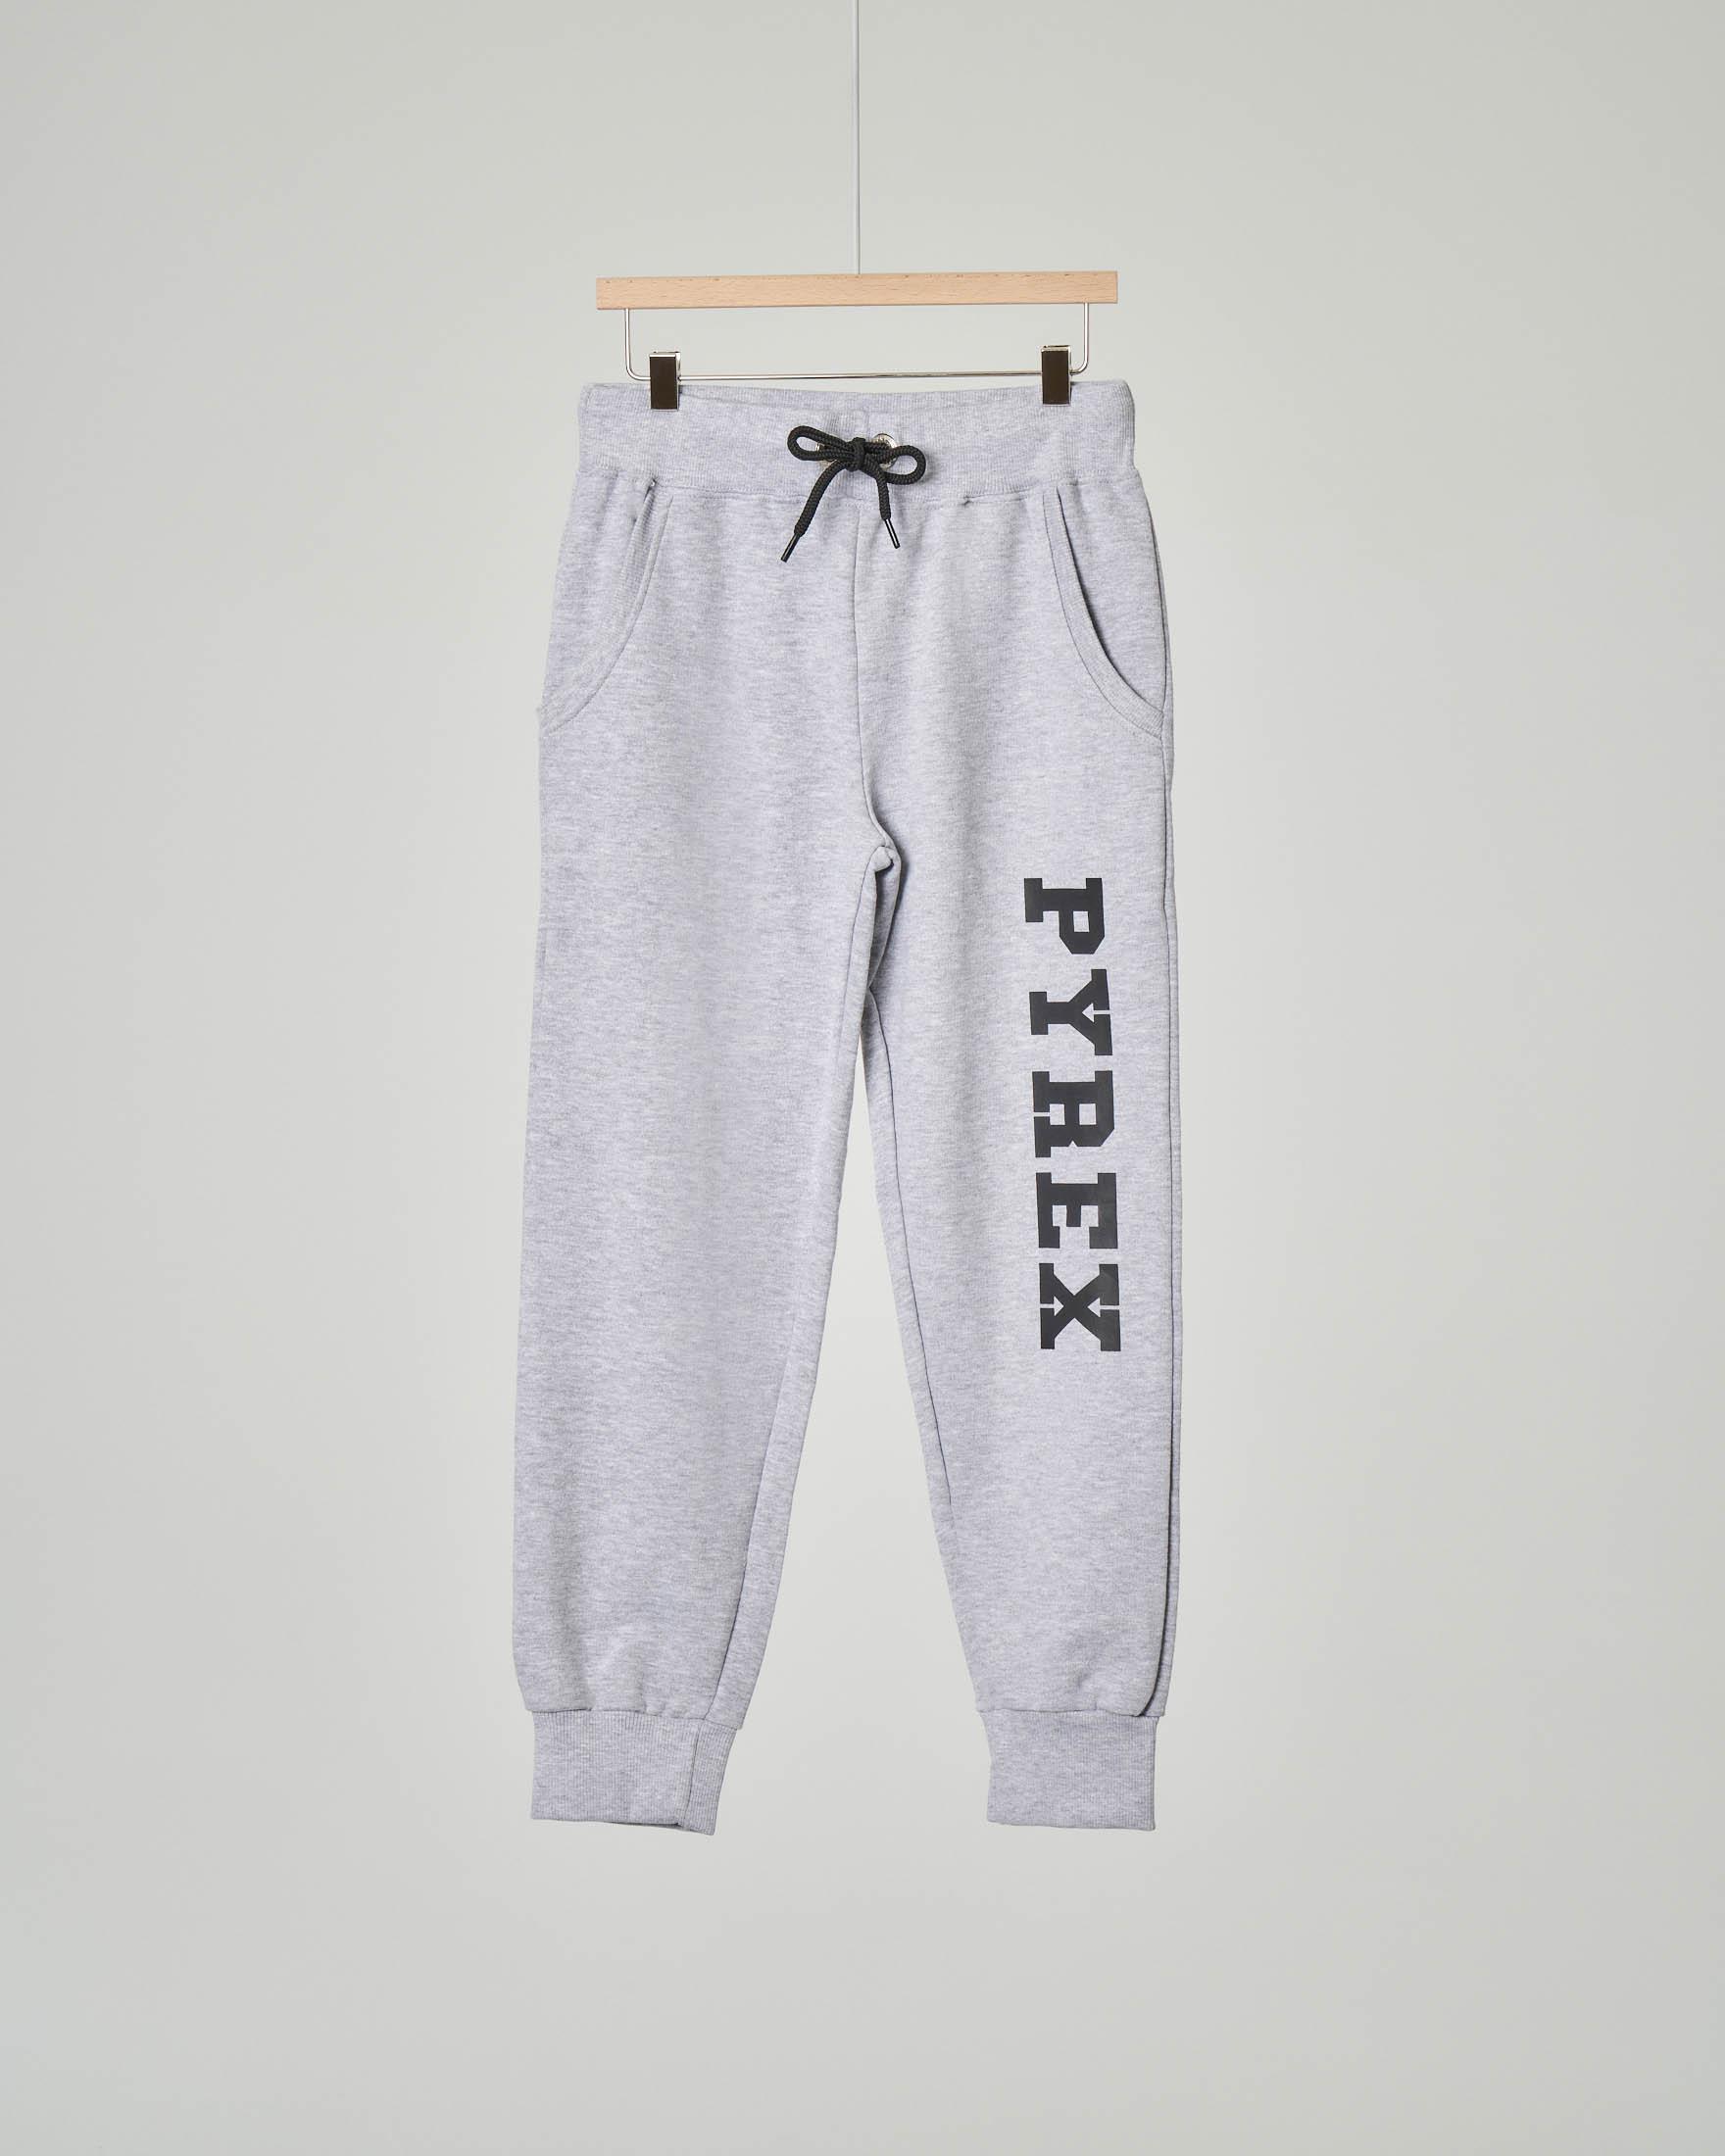 Pantalone grigio in felpa con logo sulla gamba